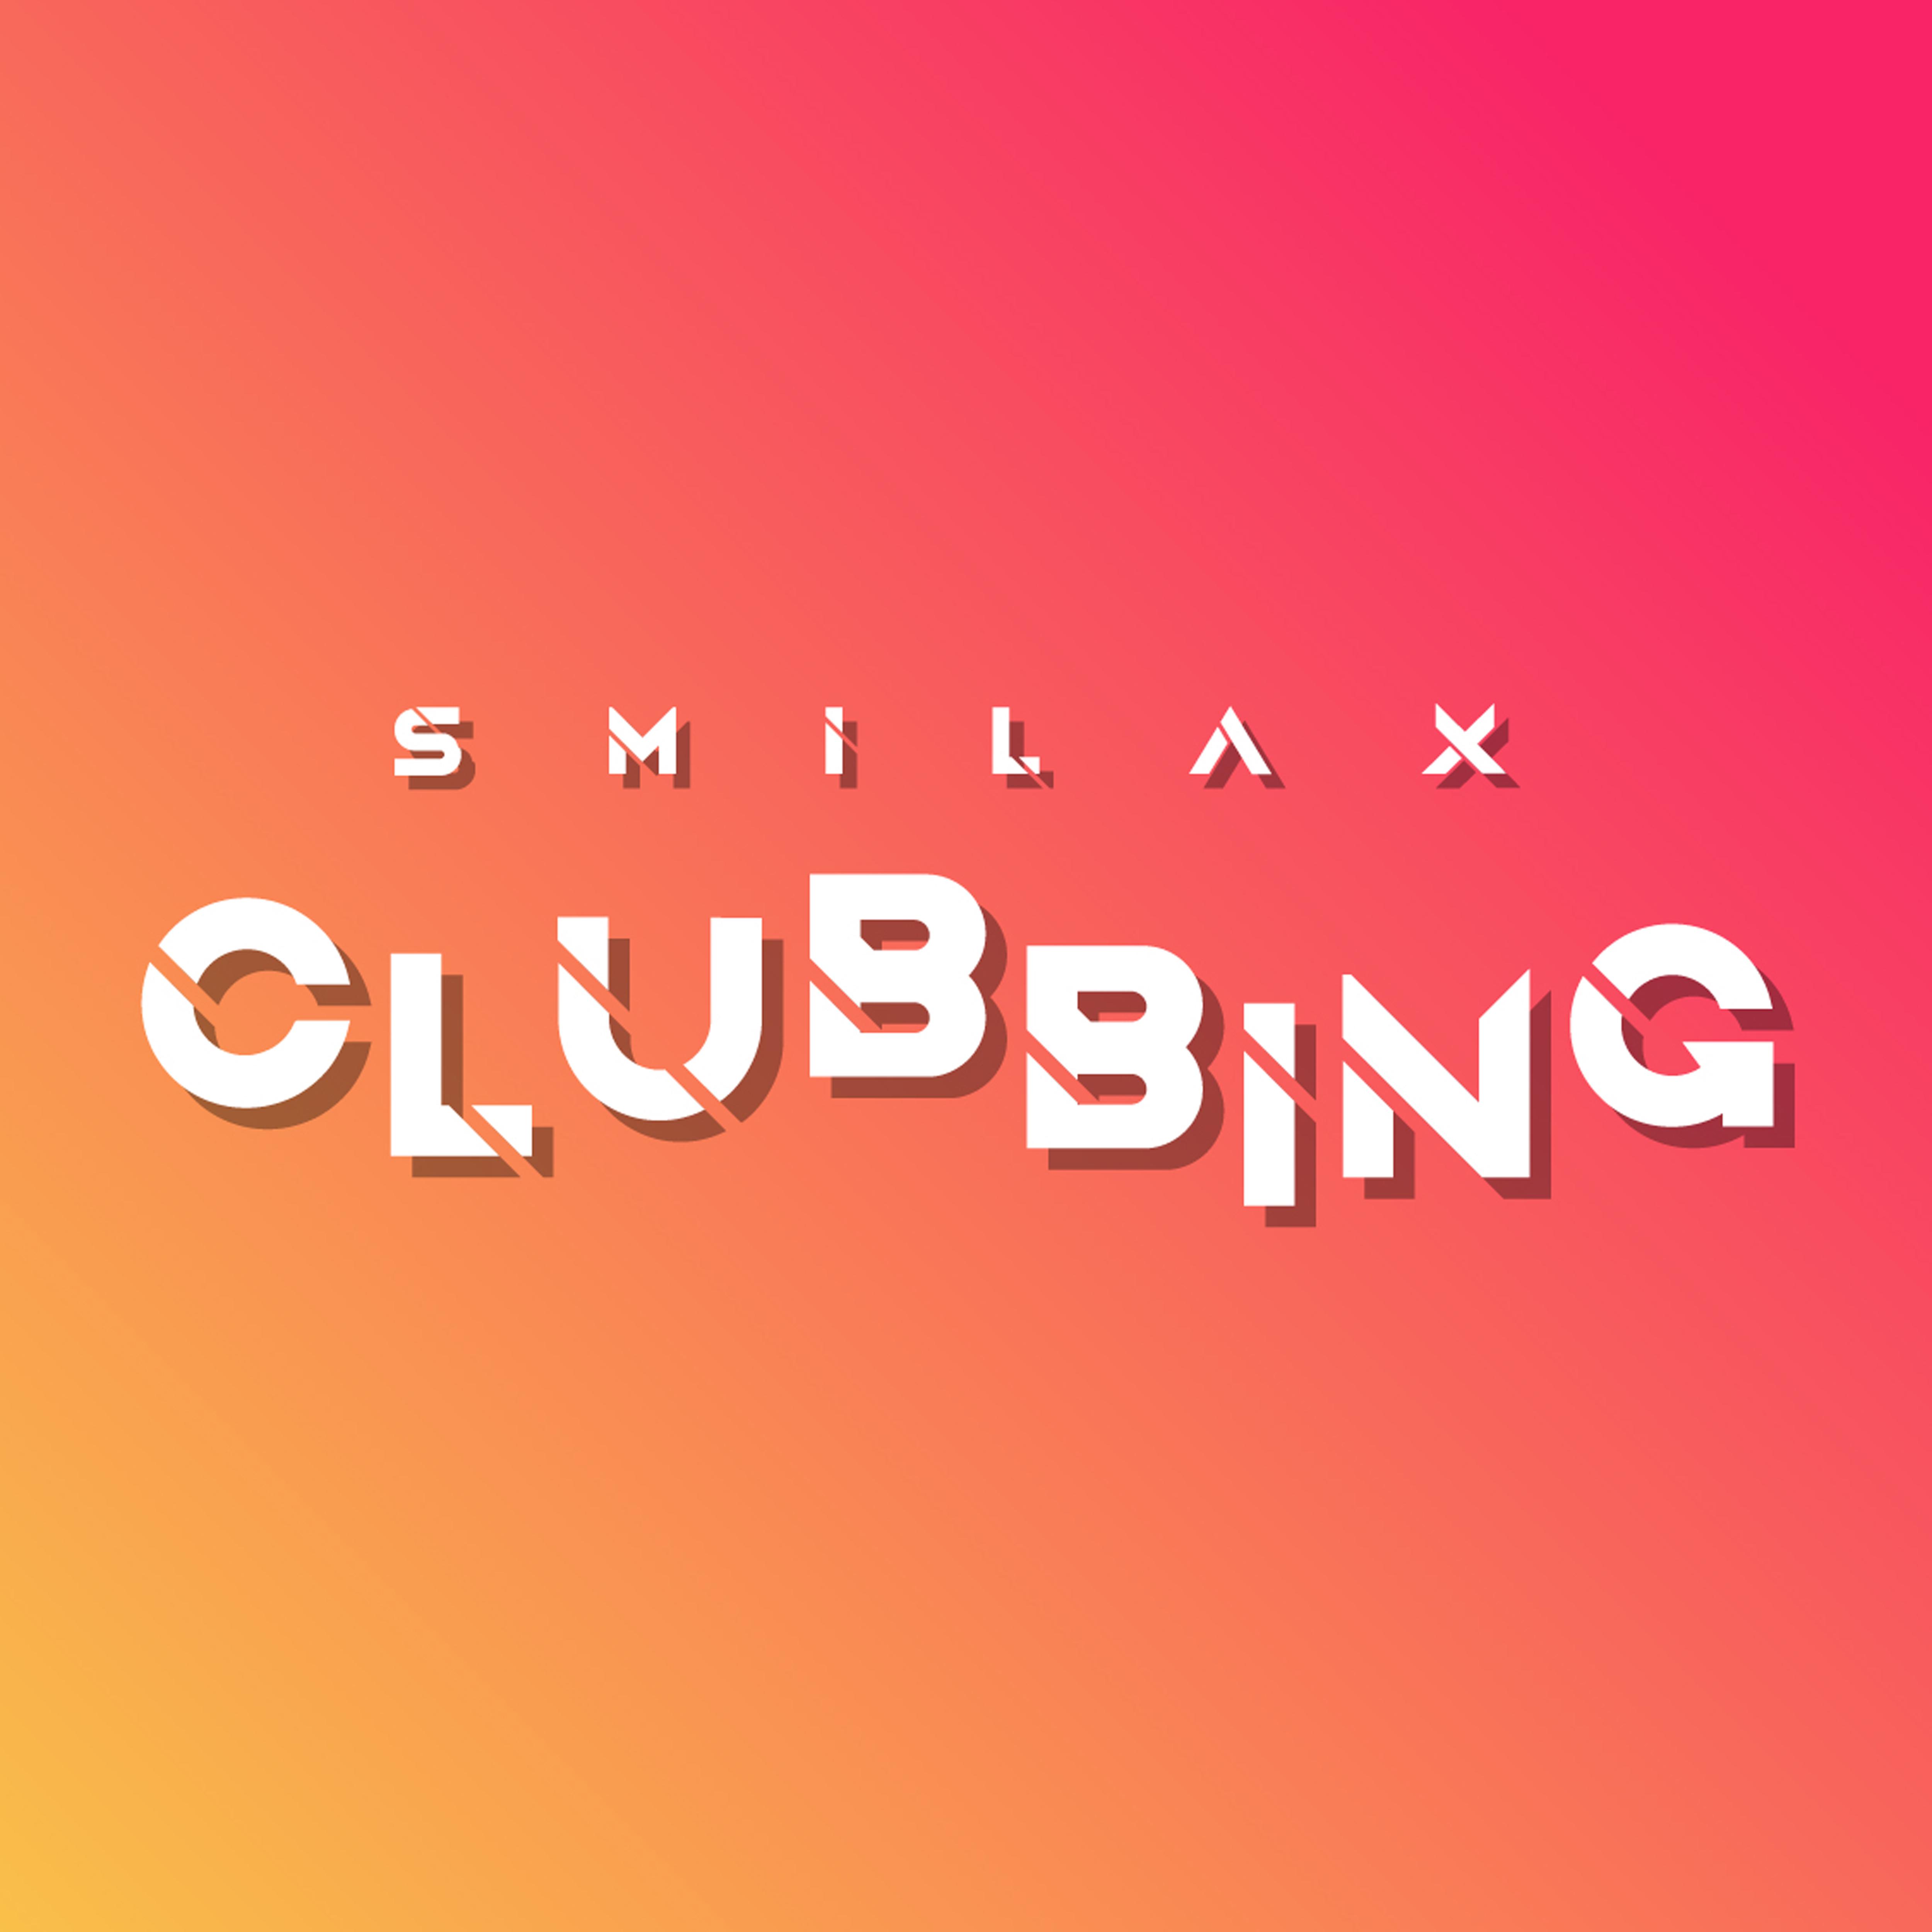 Smilax Clubbing